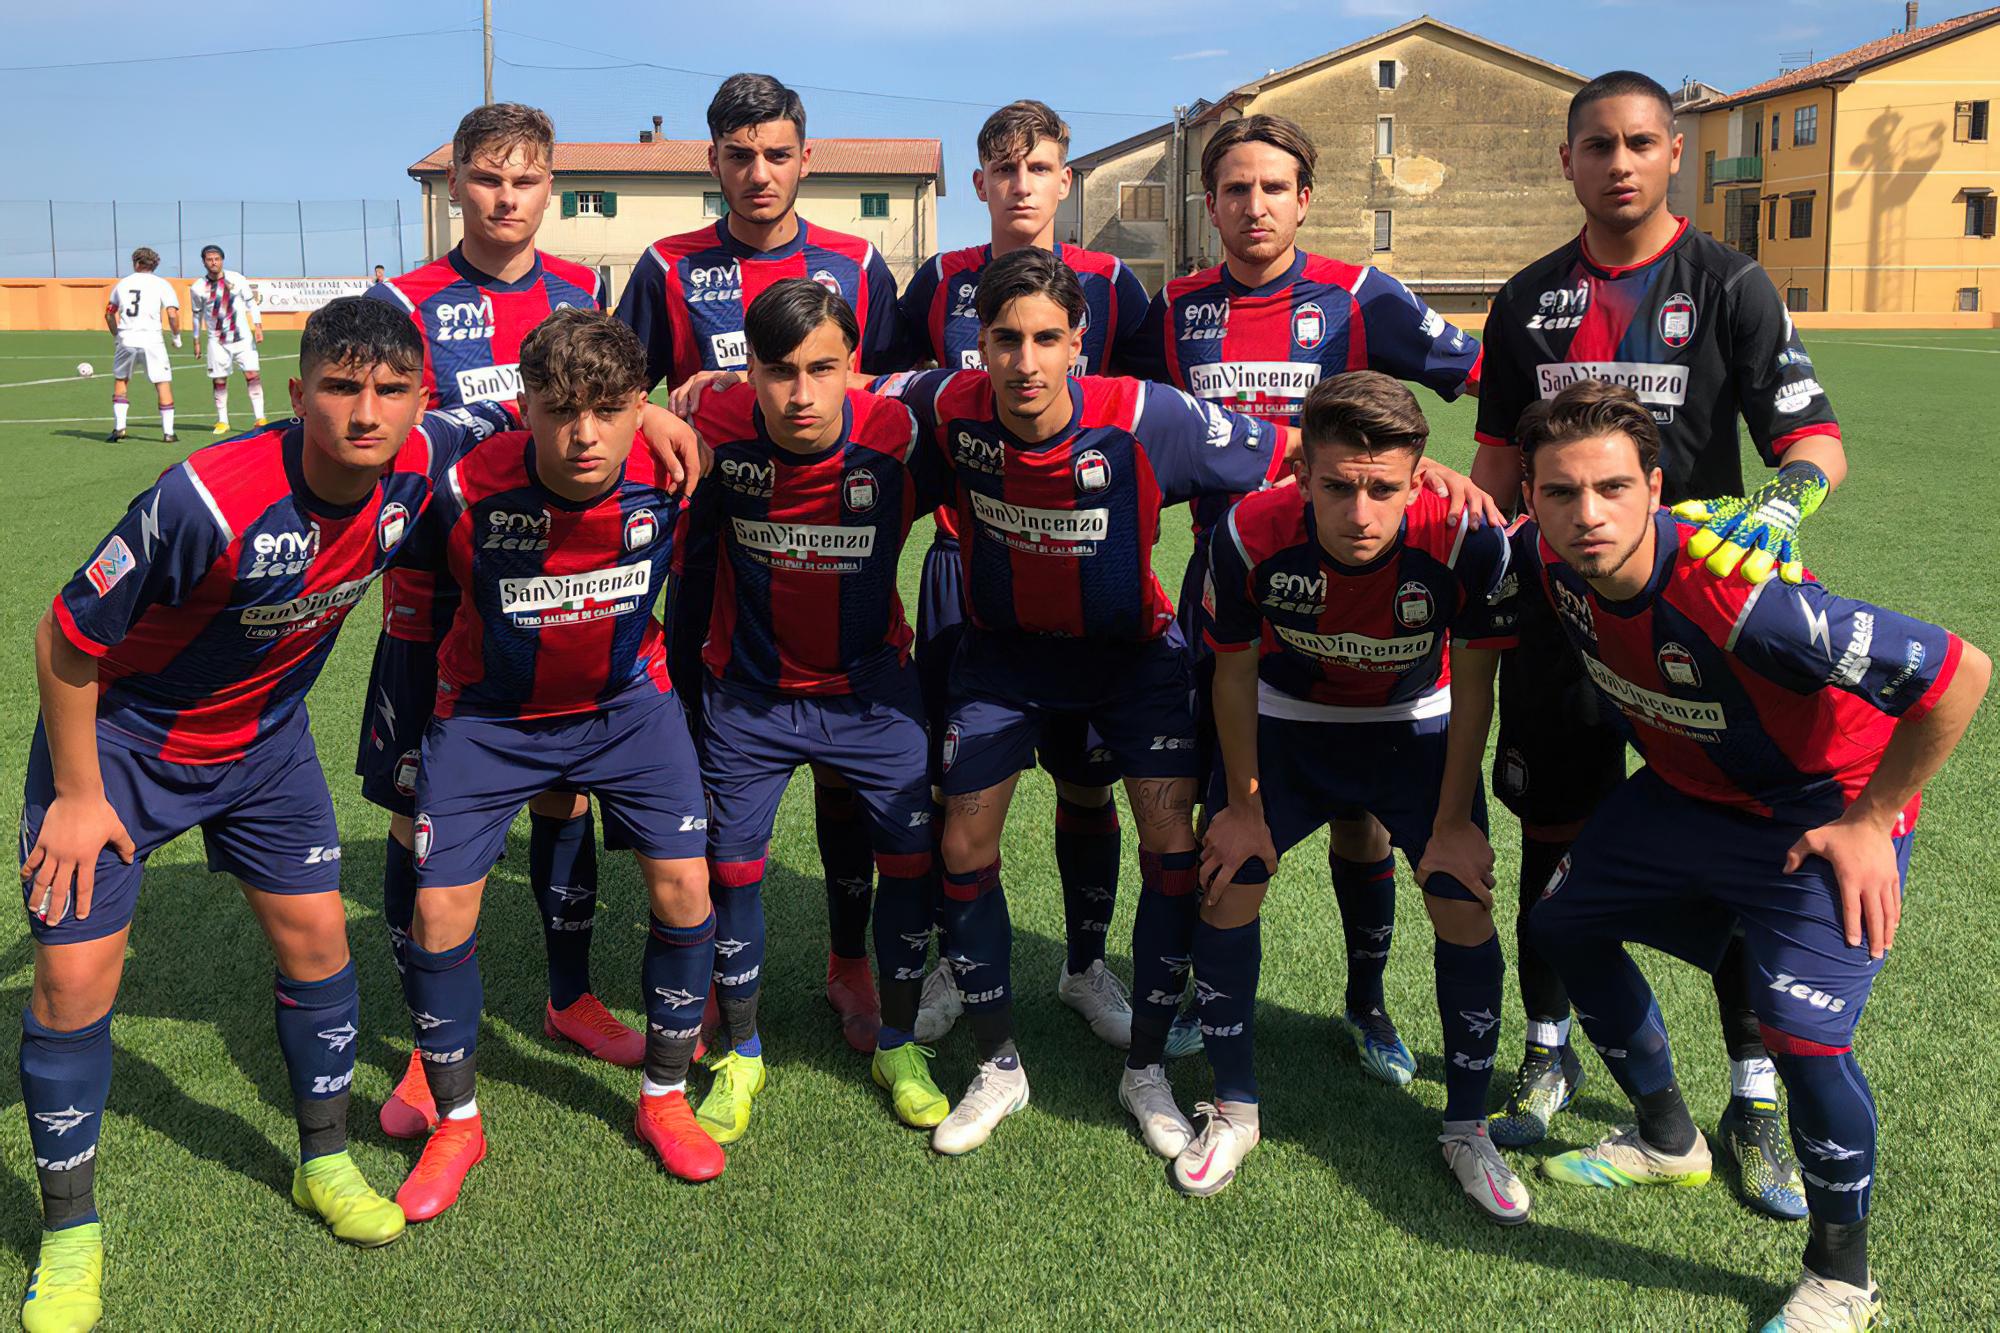 Campionato Primavera 2, 5ª giornata di ritorno: Crotone-Salernitana 3-2